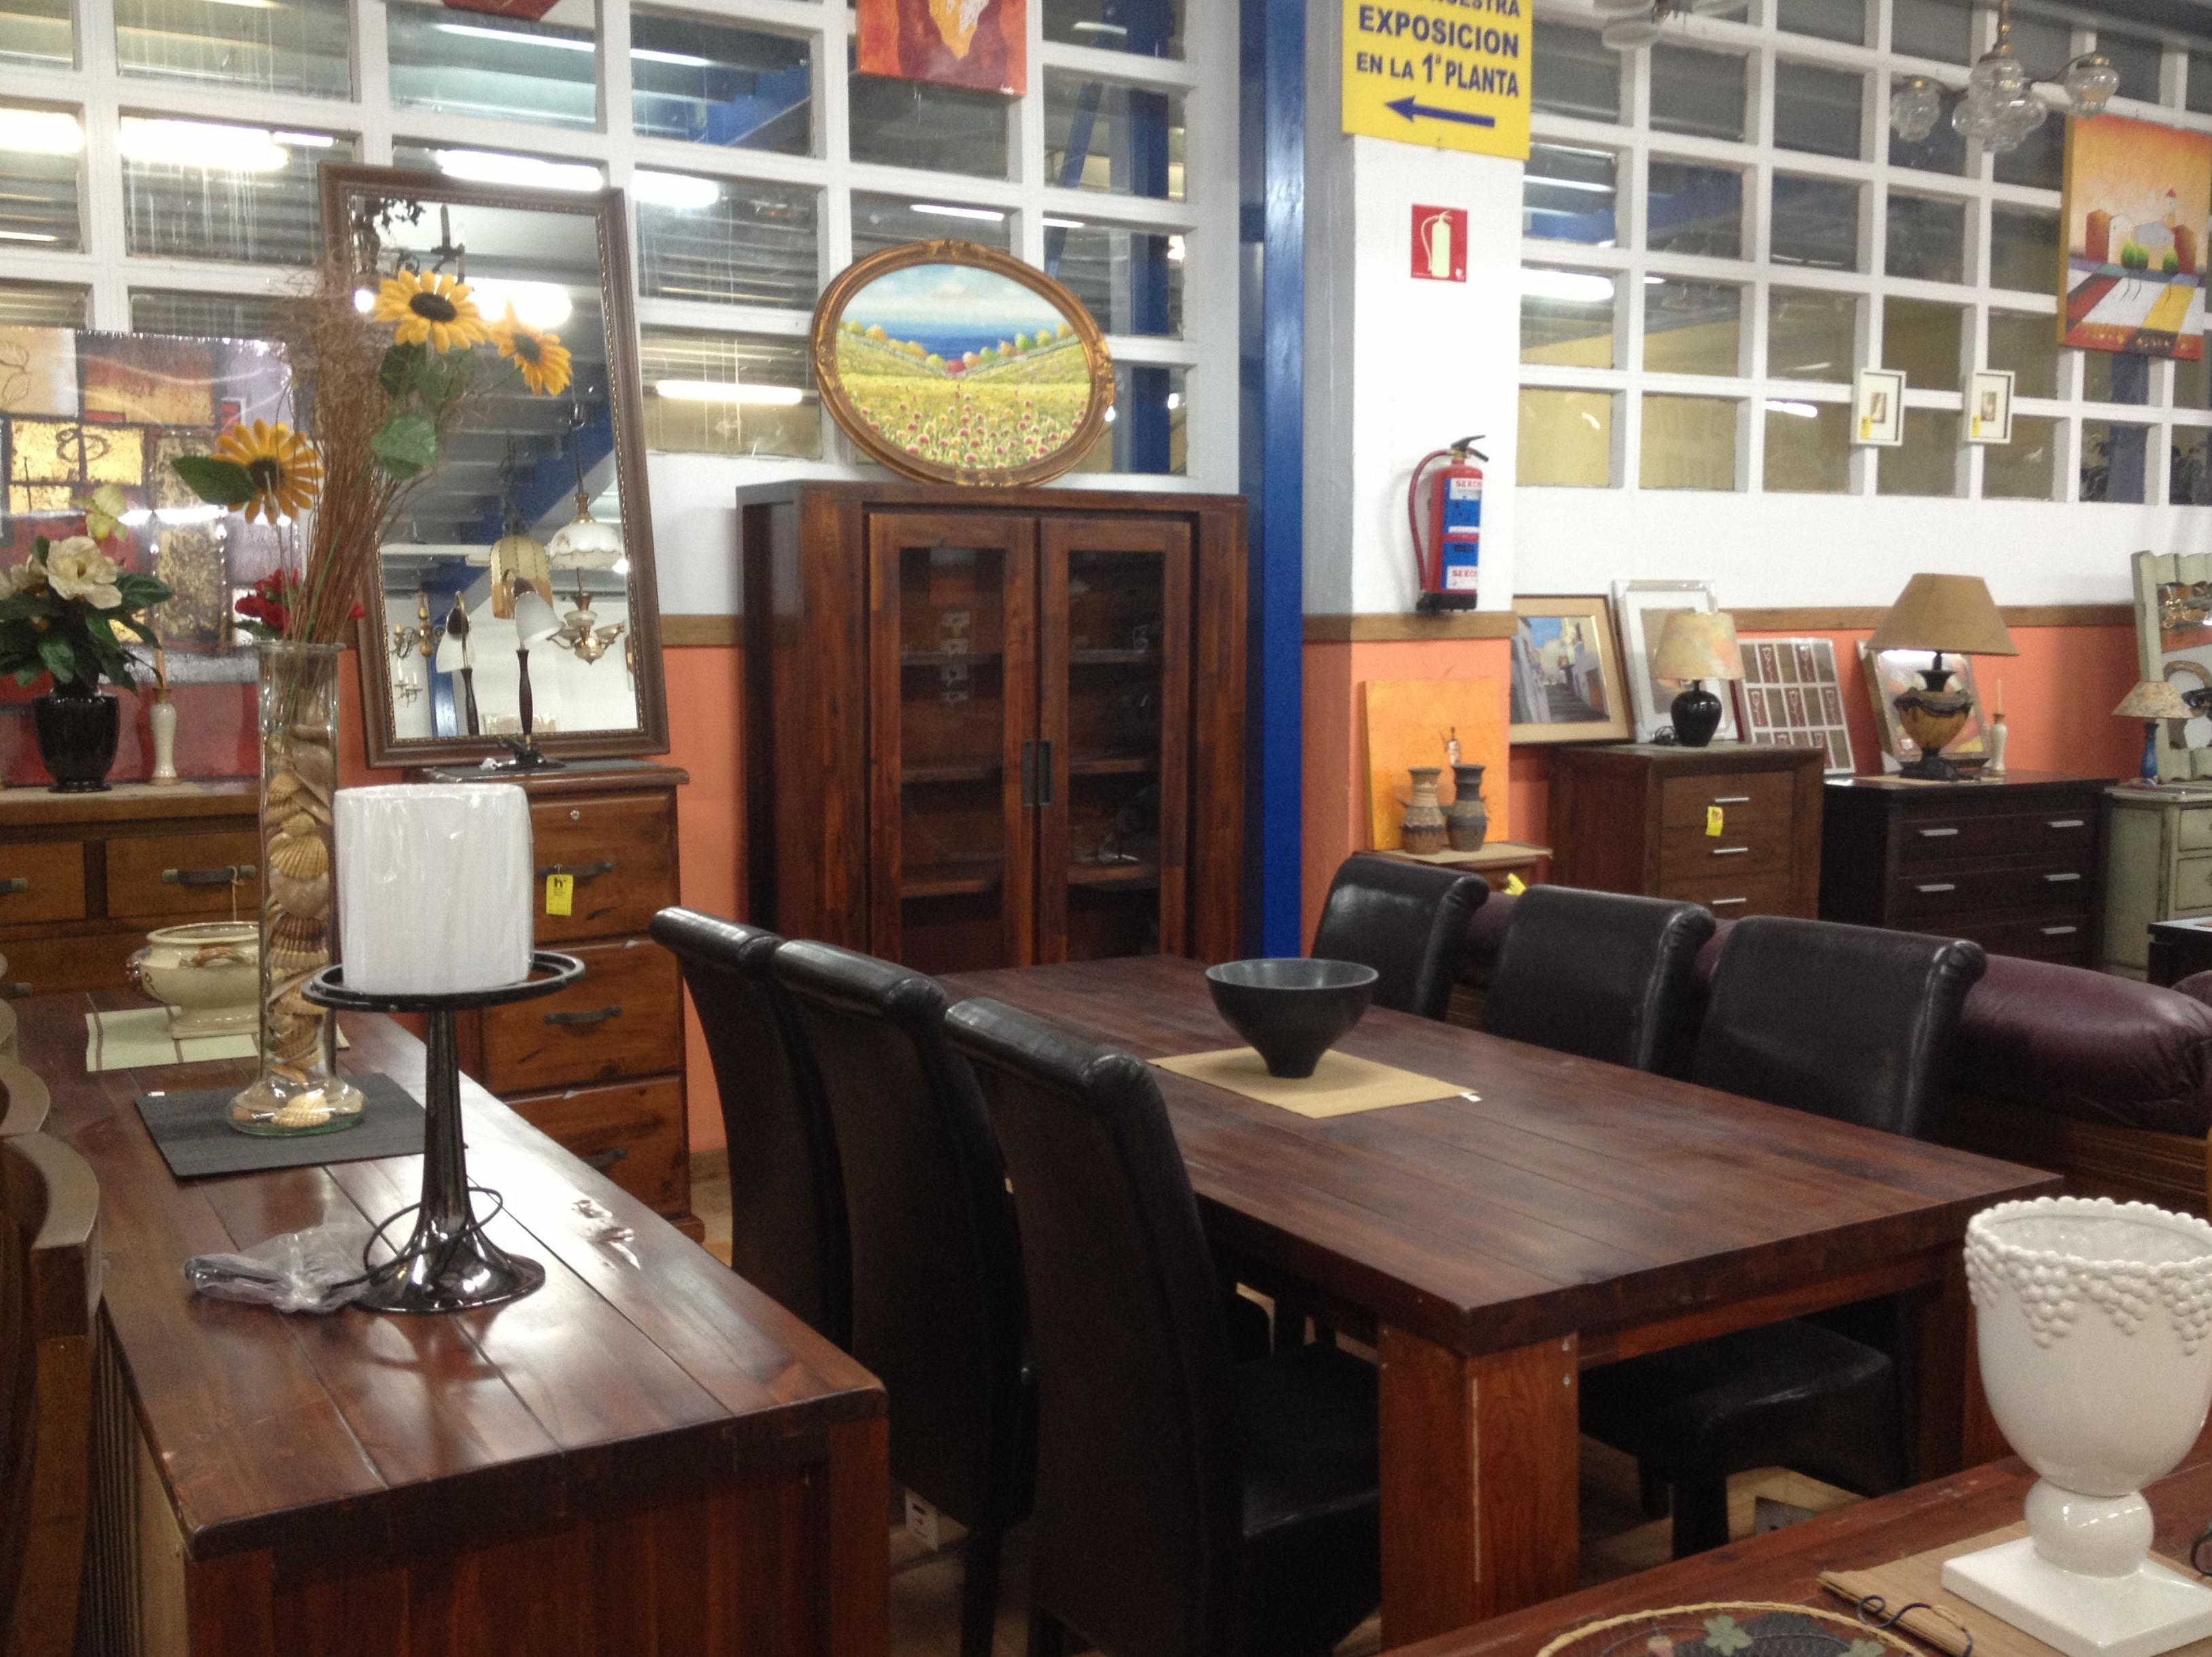 Muebles de segunda mano muebles nuevos y usados de remar for Comedores usados